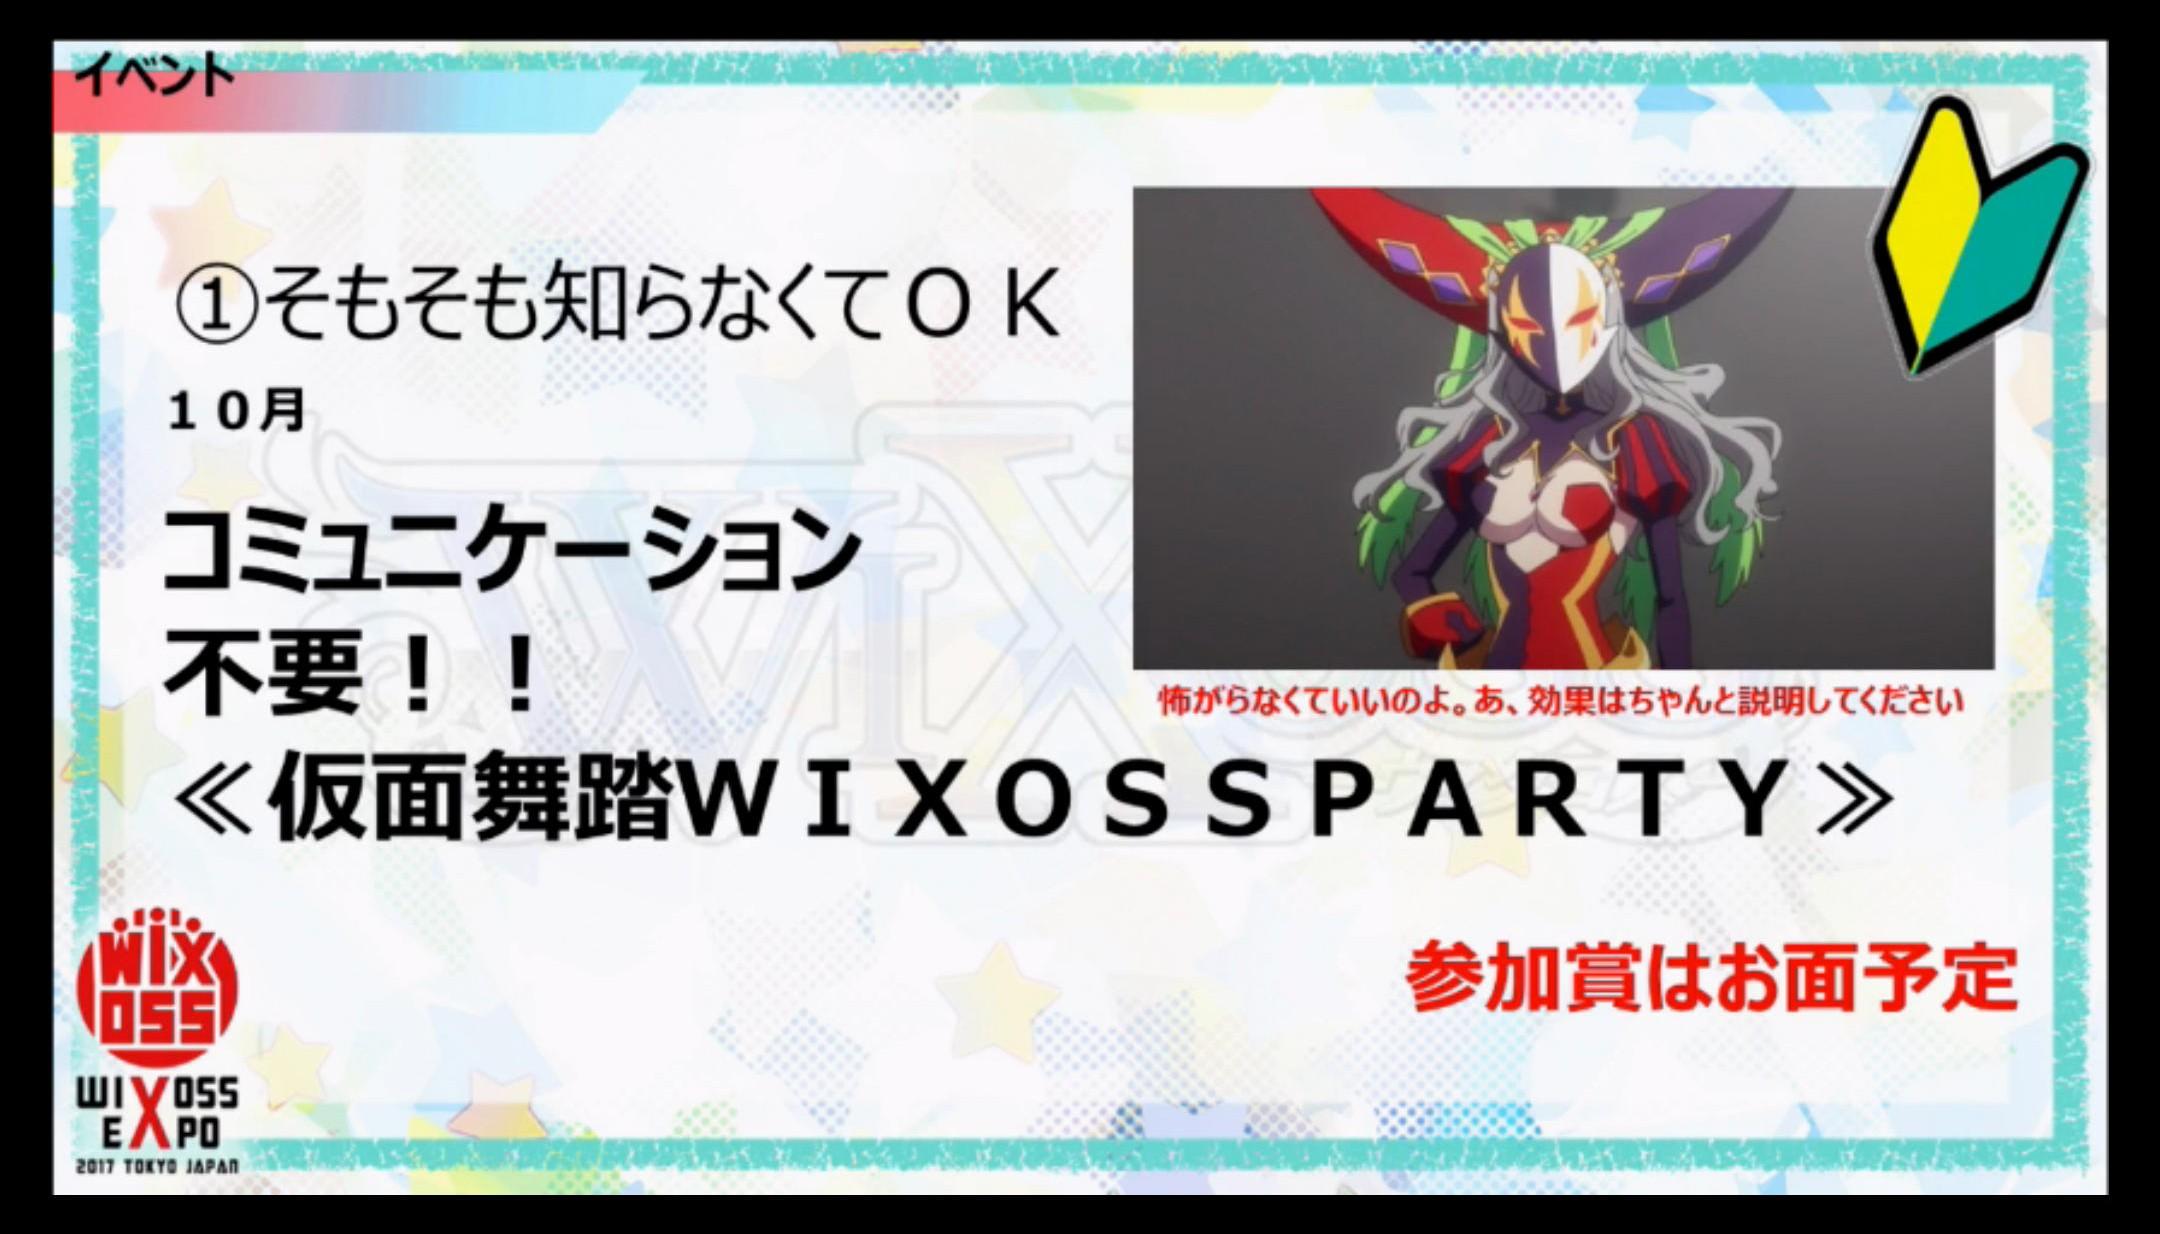 wx-live-170806-032.jpg